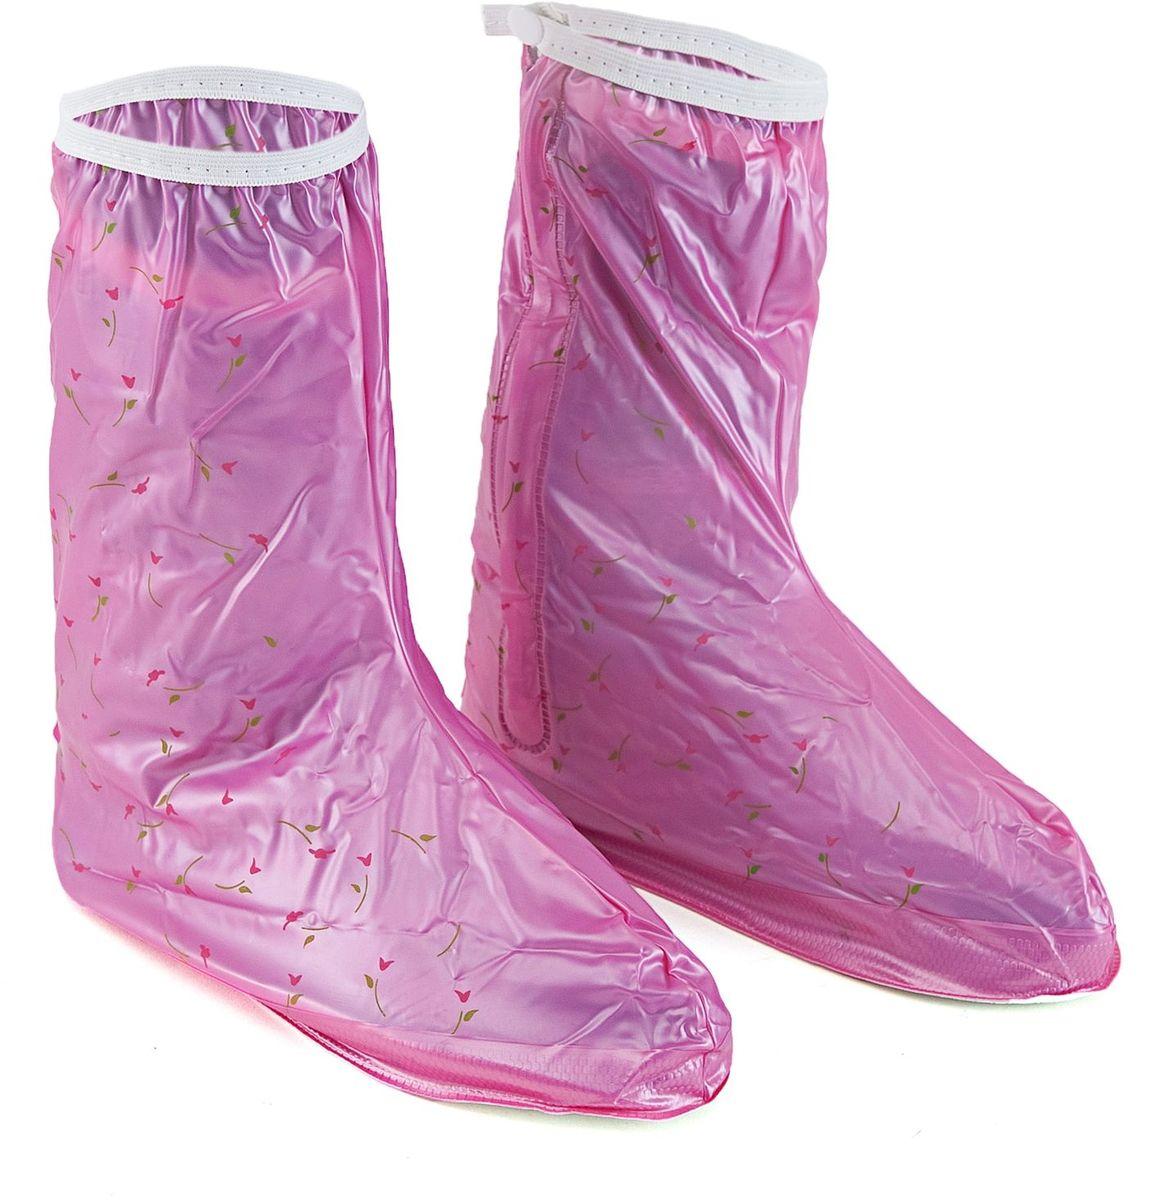 Дождевик для сапог Homsu, цвет: розовый. Размер S (35/36)R-126Дожевики для сапог выполнены из прочного водонепроницаемого материала, застегиваются на молнию. Благодаря этим дождевикам ваша обувь будет сухой и чистой в любую погоду! Размер изделия: 25,5х13см